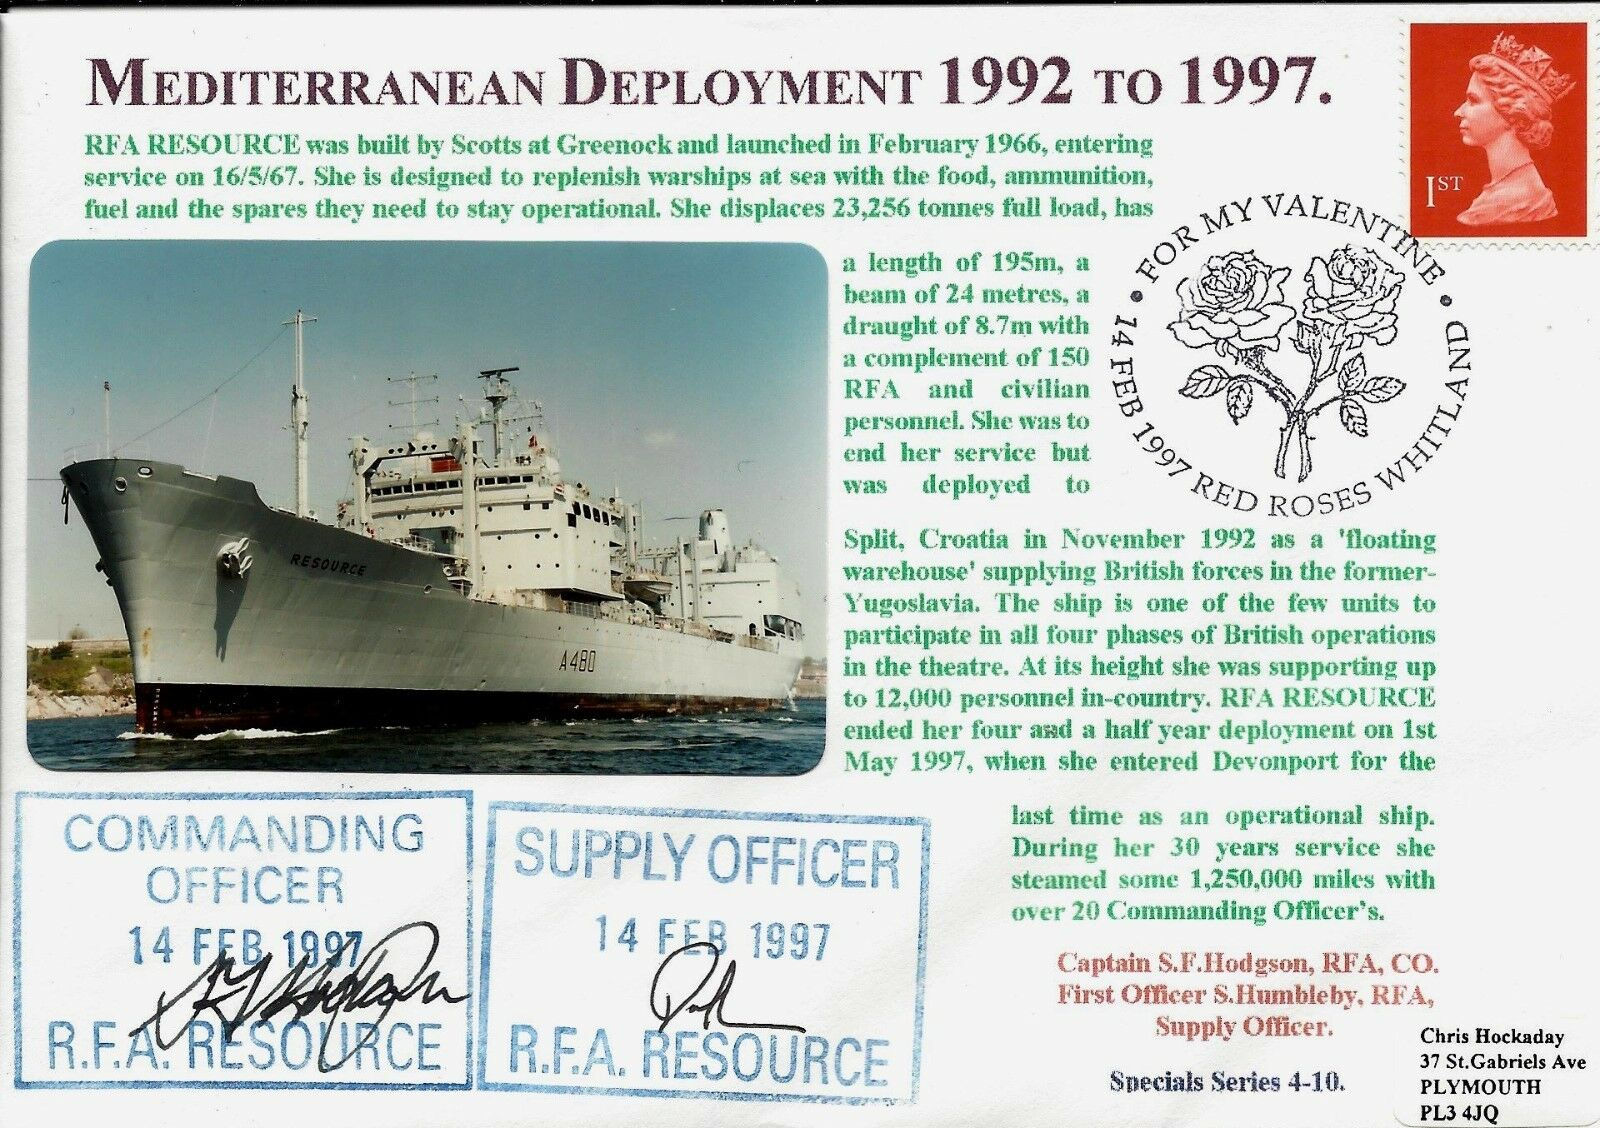 Gb FDC Bleu Marine Signé Couleur Couleur Couleur Photo Série 4 Deployments Jours Flotte 1b0c3a